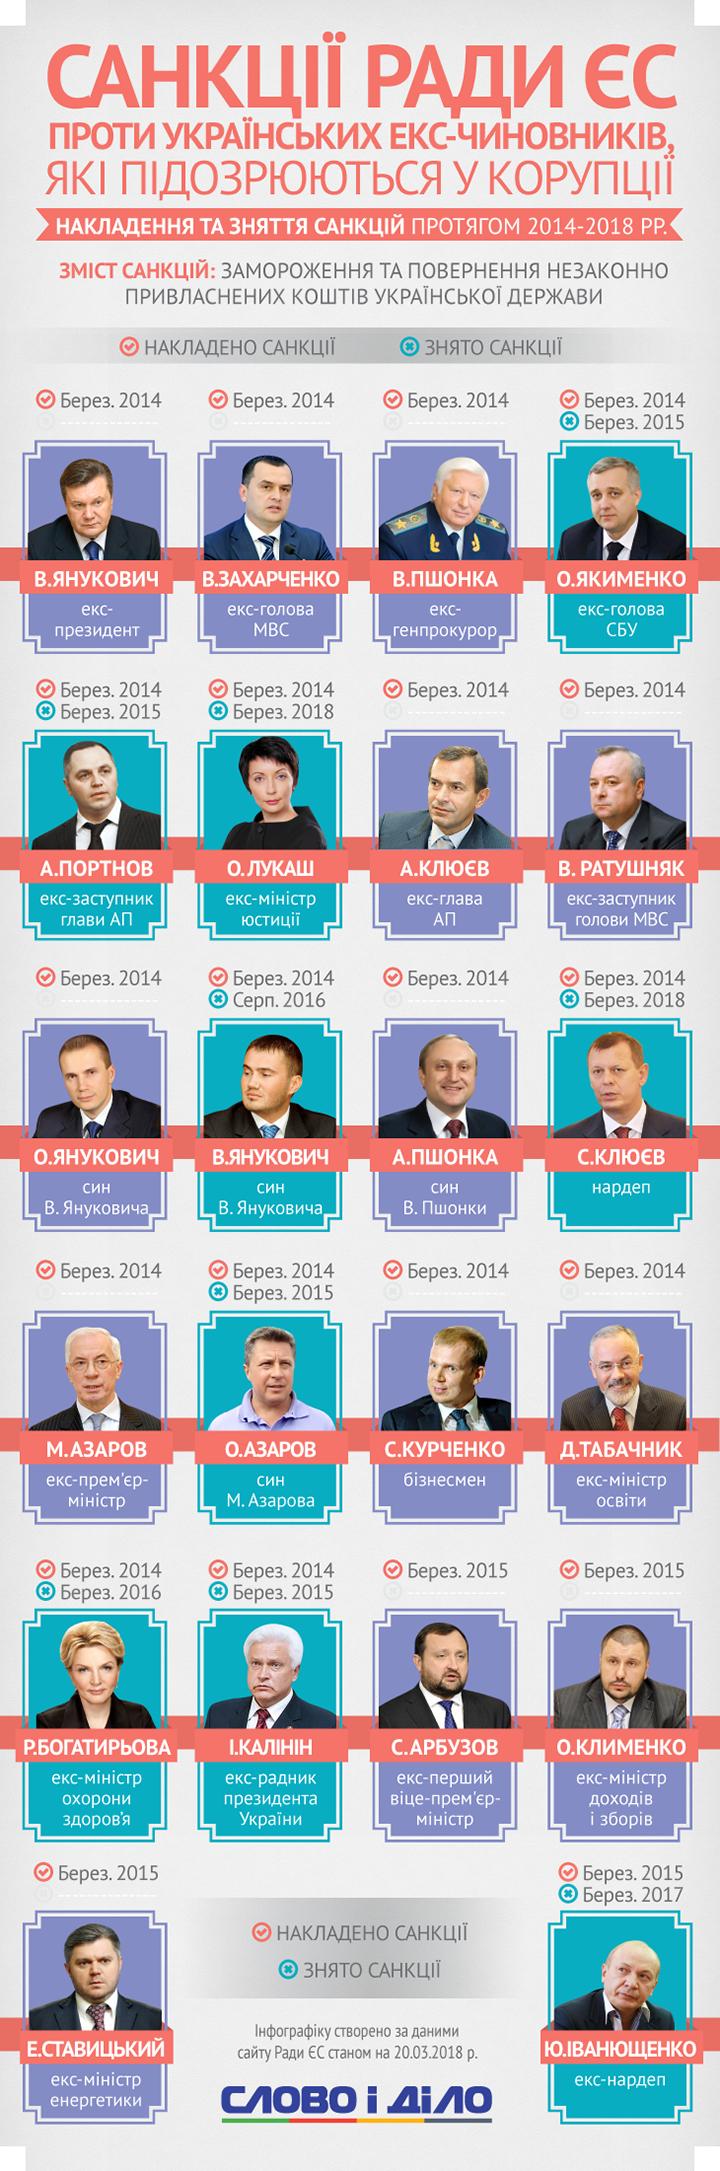 Как менялся перечень бывших украинских чиновников, попавших под санкции ЕС, на протяжении 2014-2018 годов и почему с каждым годом из него исключают одиозных функционеров?